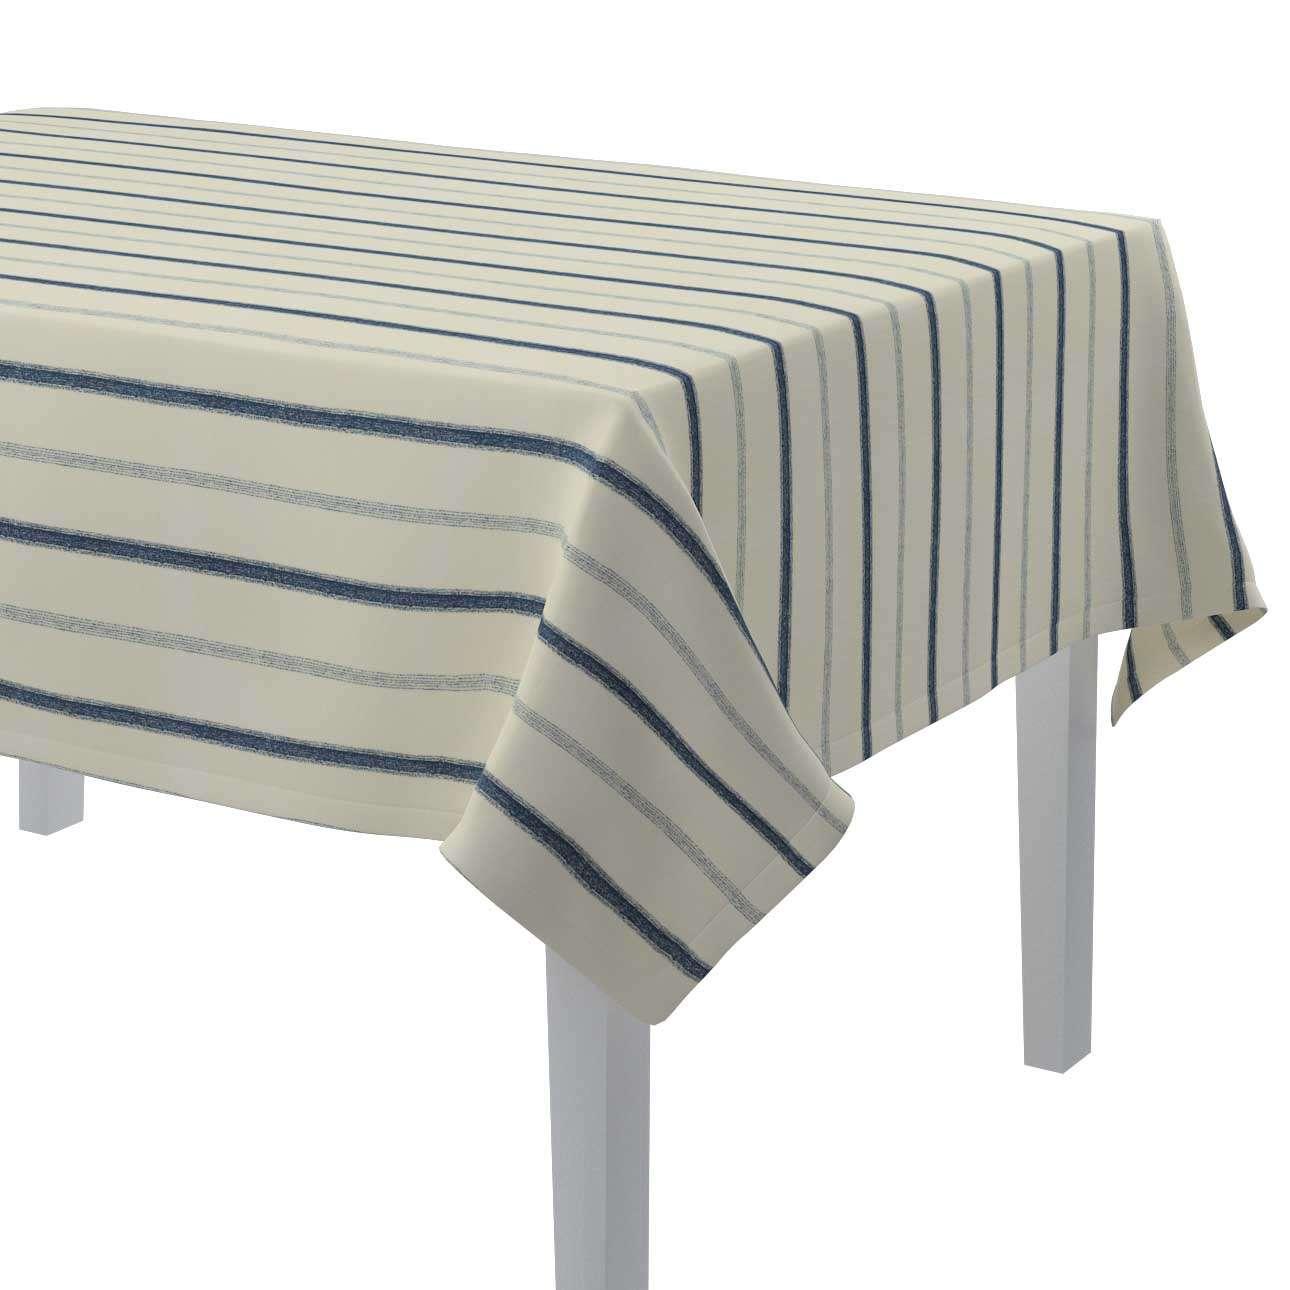 Rektangulære borddug fra kollektionen Avinon, Stof: 129-66